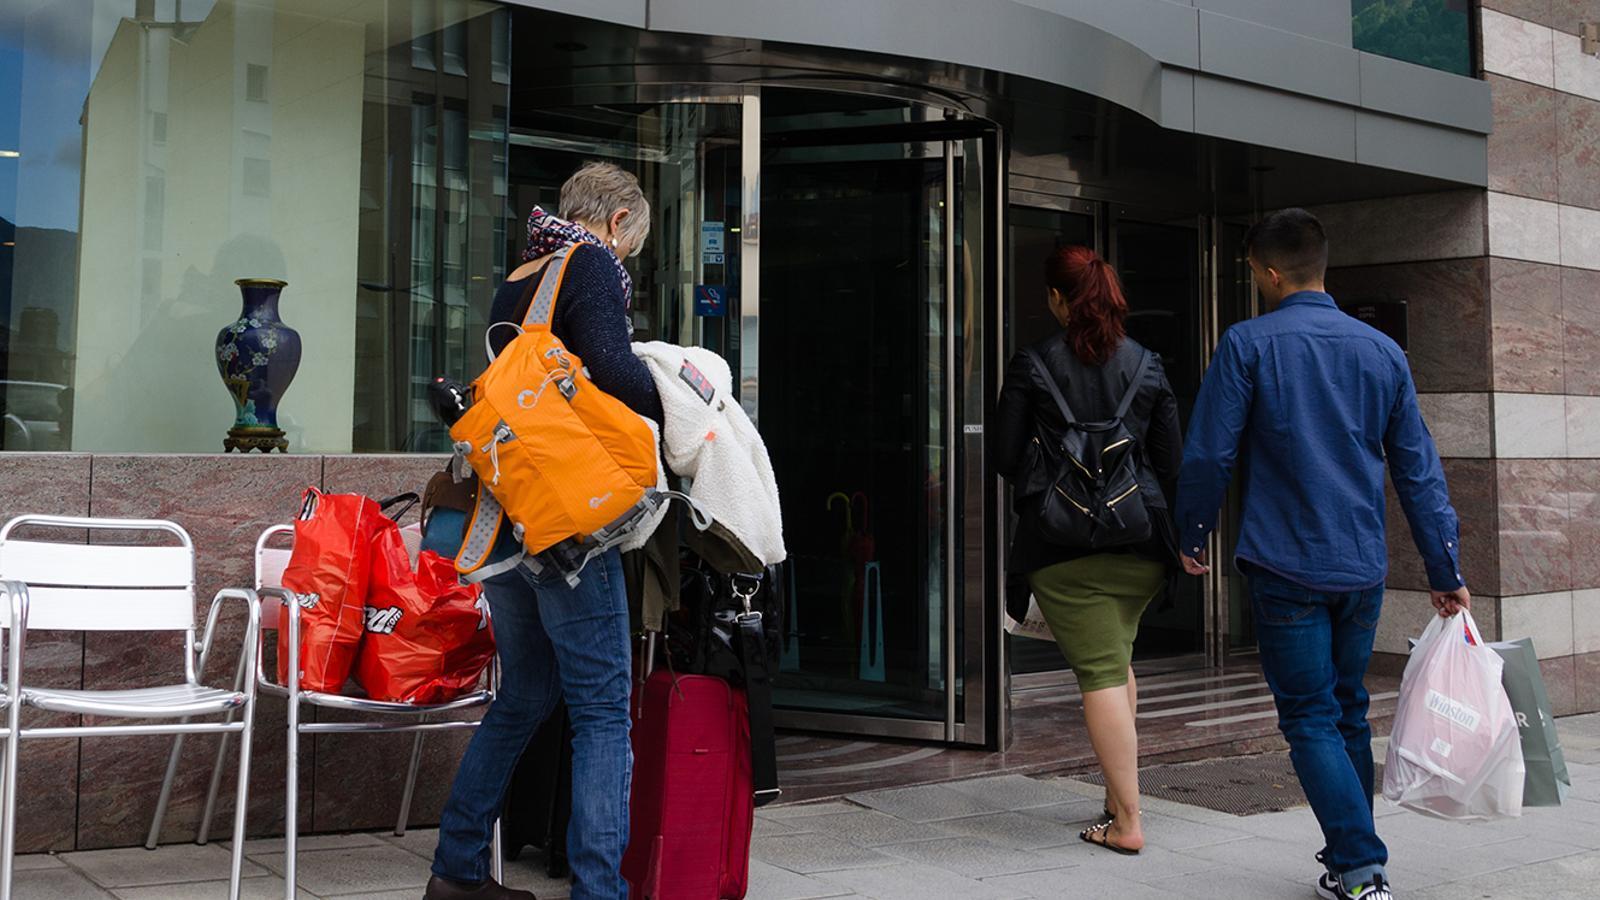 Tres turistes es disposen a entrar a un hotel. / ARXIU ANA